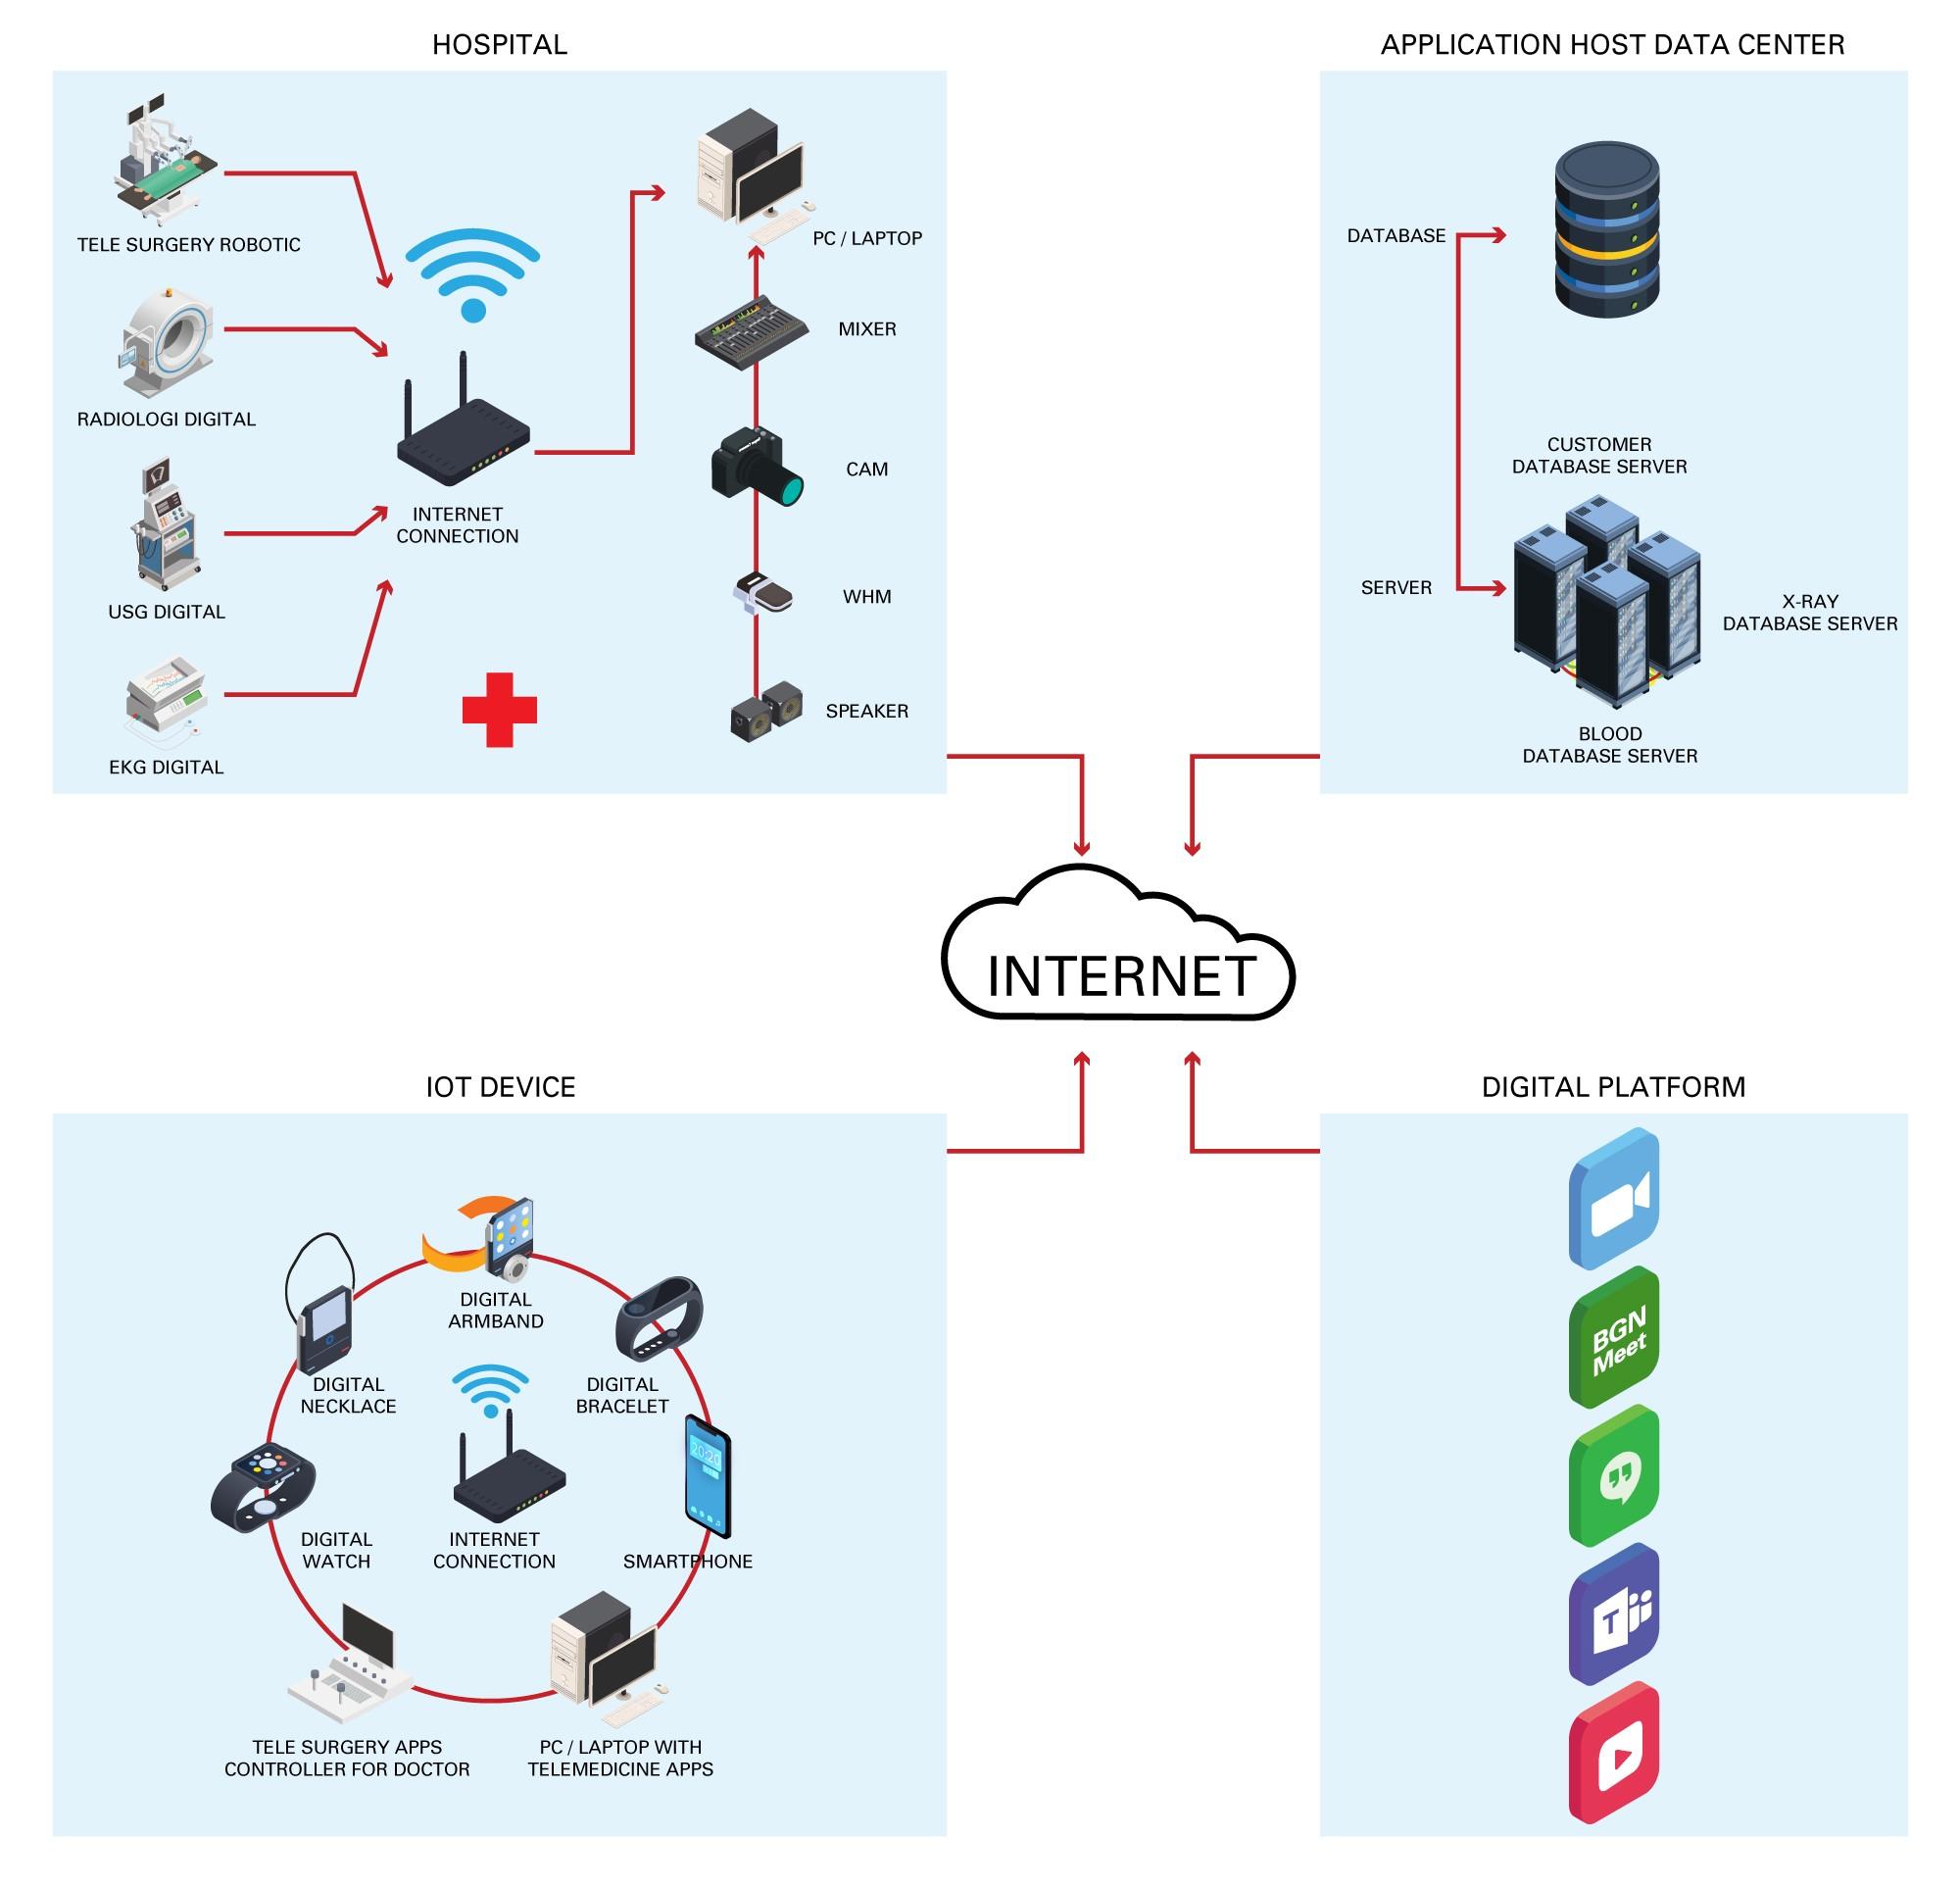 biznet healthnet